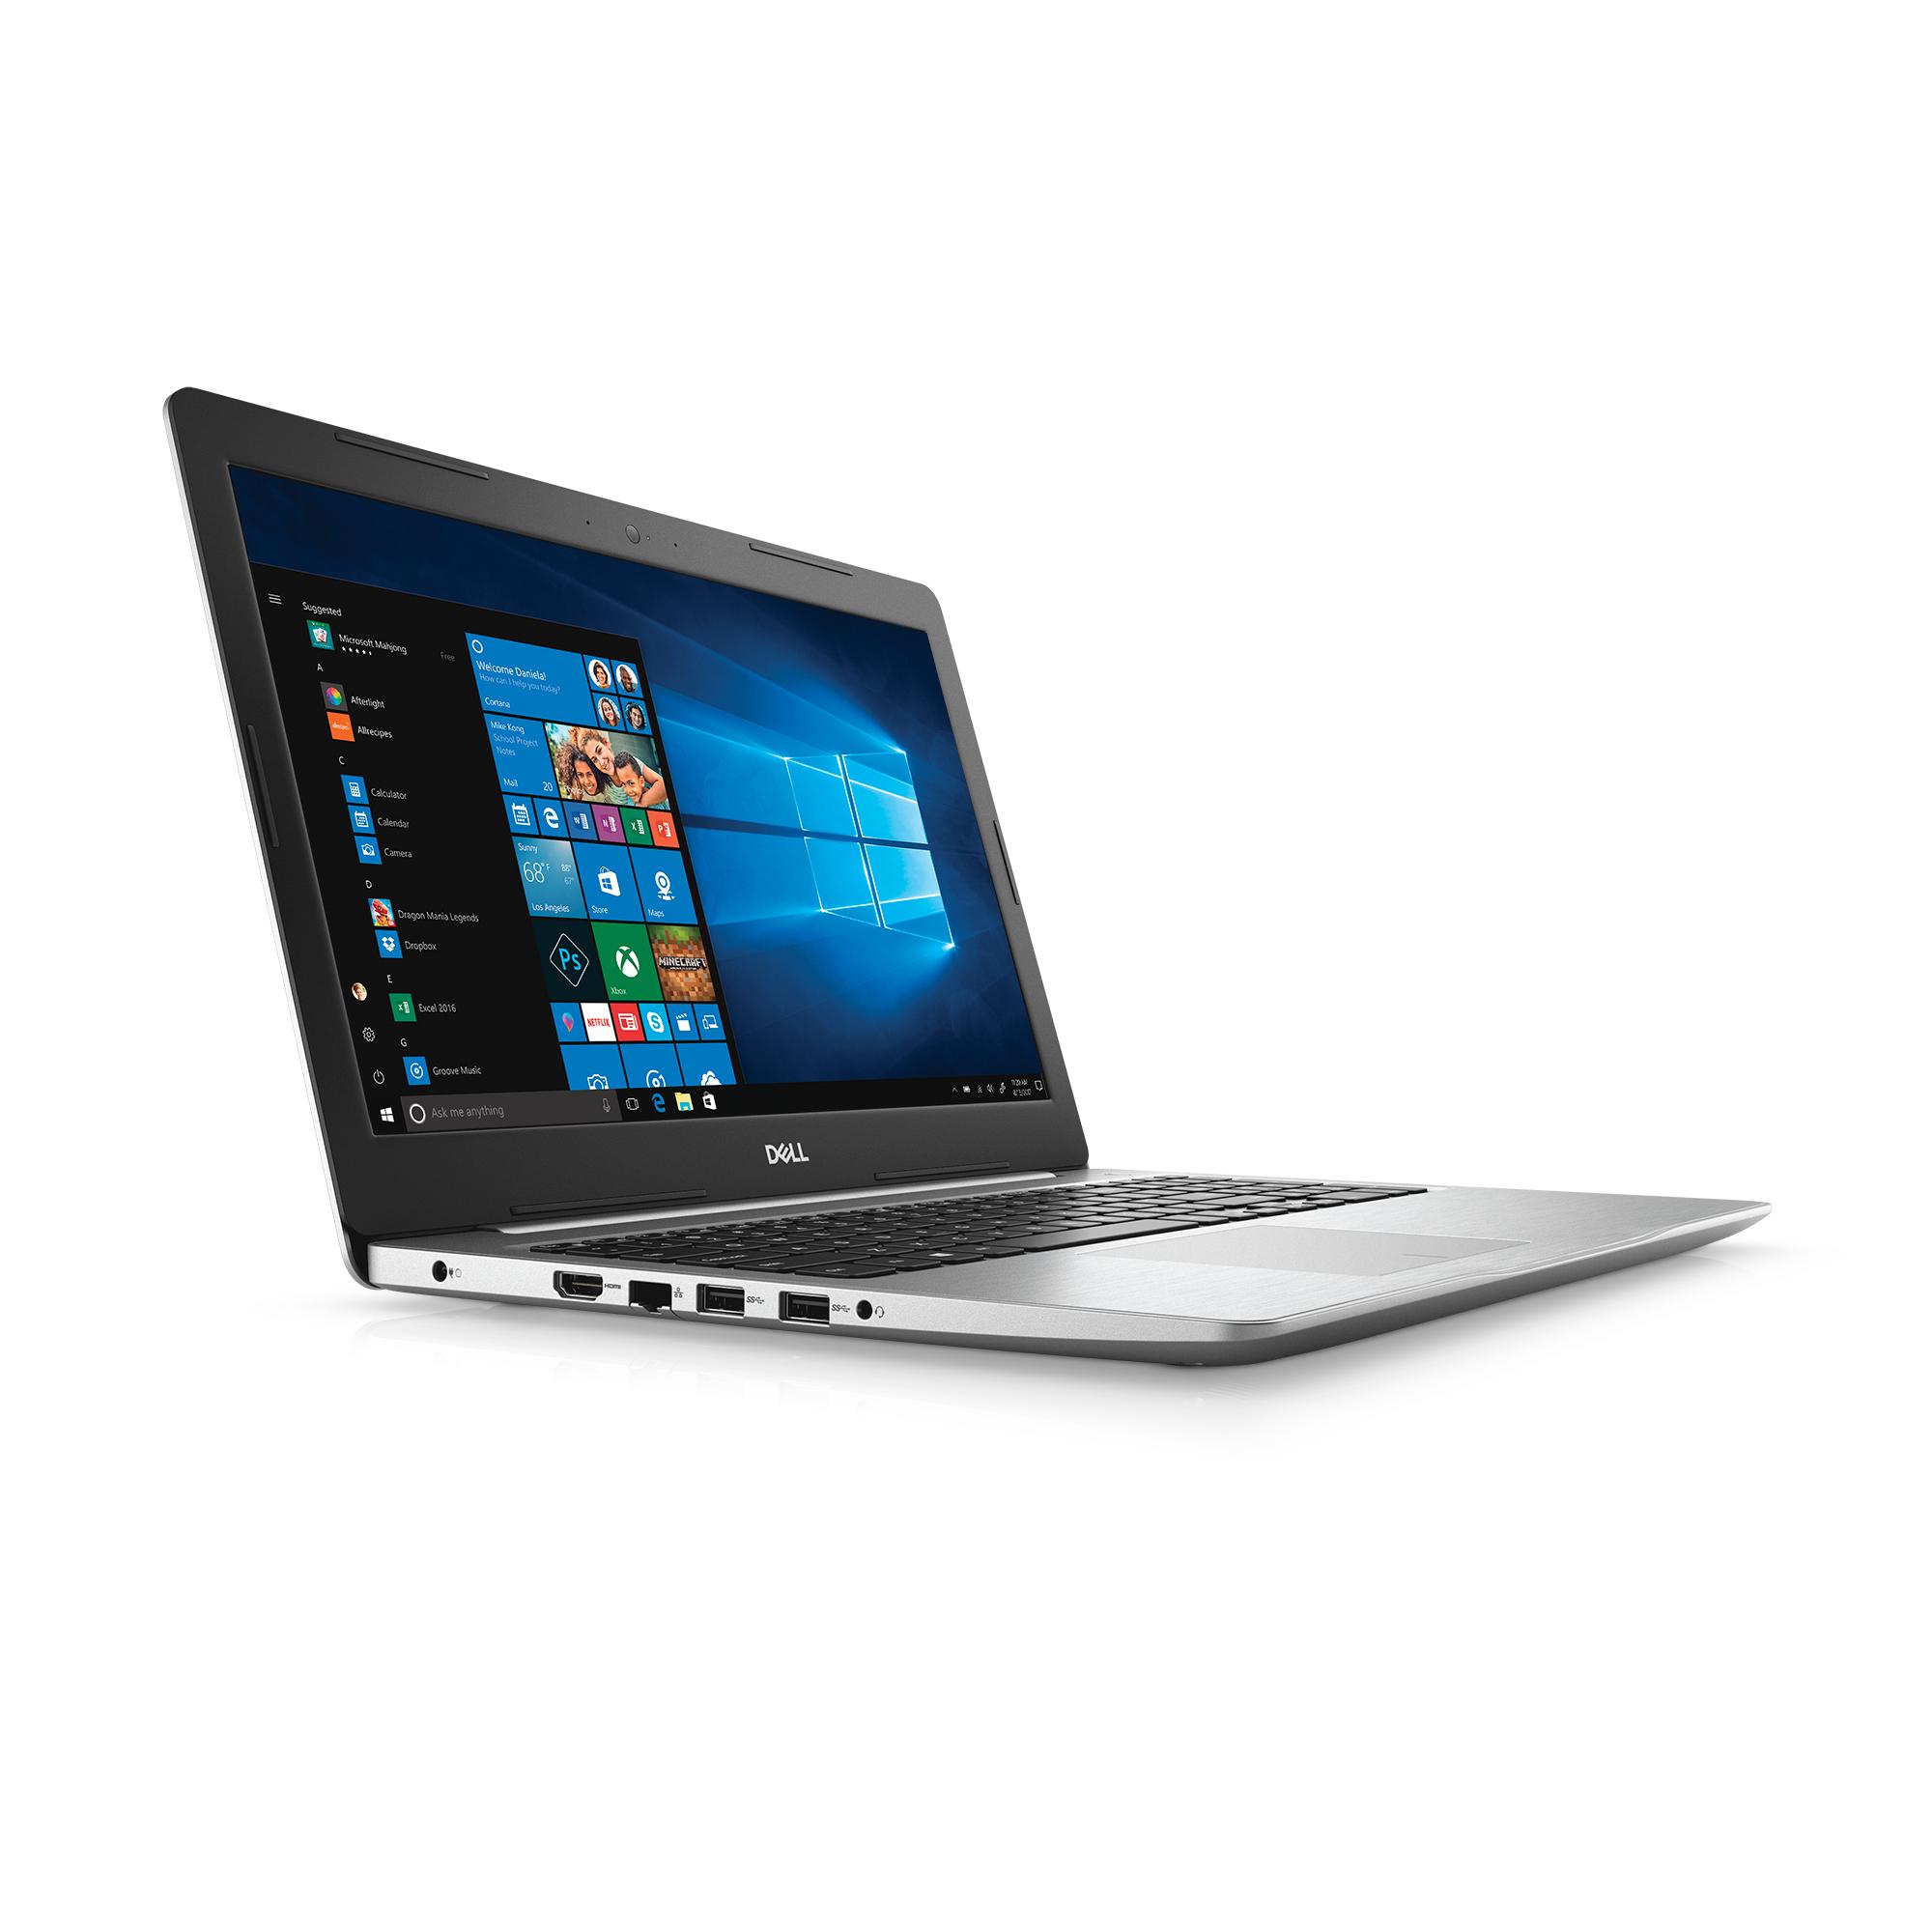 Dell Inspiron 15 5575: 15.6'' FHD Touch, Ryzen 5 2500U, 16GB DDR4, 1TB HDD, DVD-RW, Win10H @ $599 + F/S